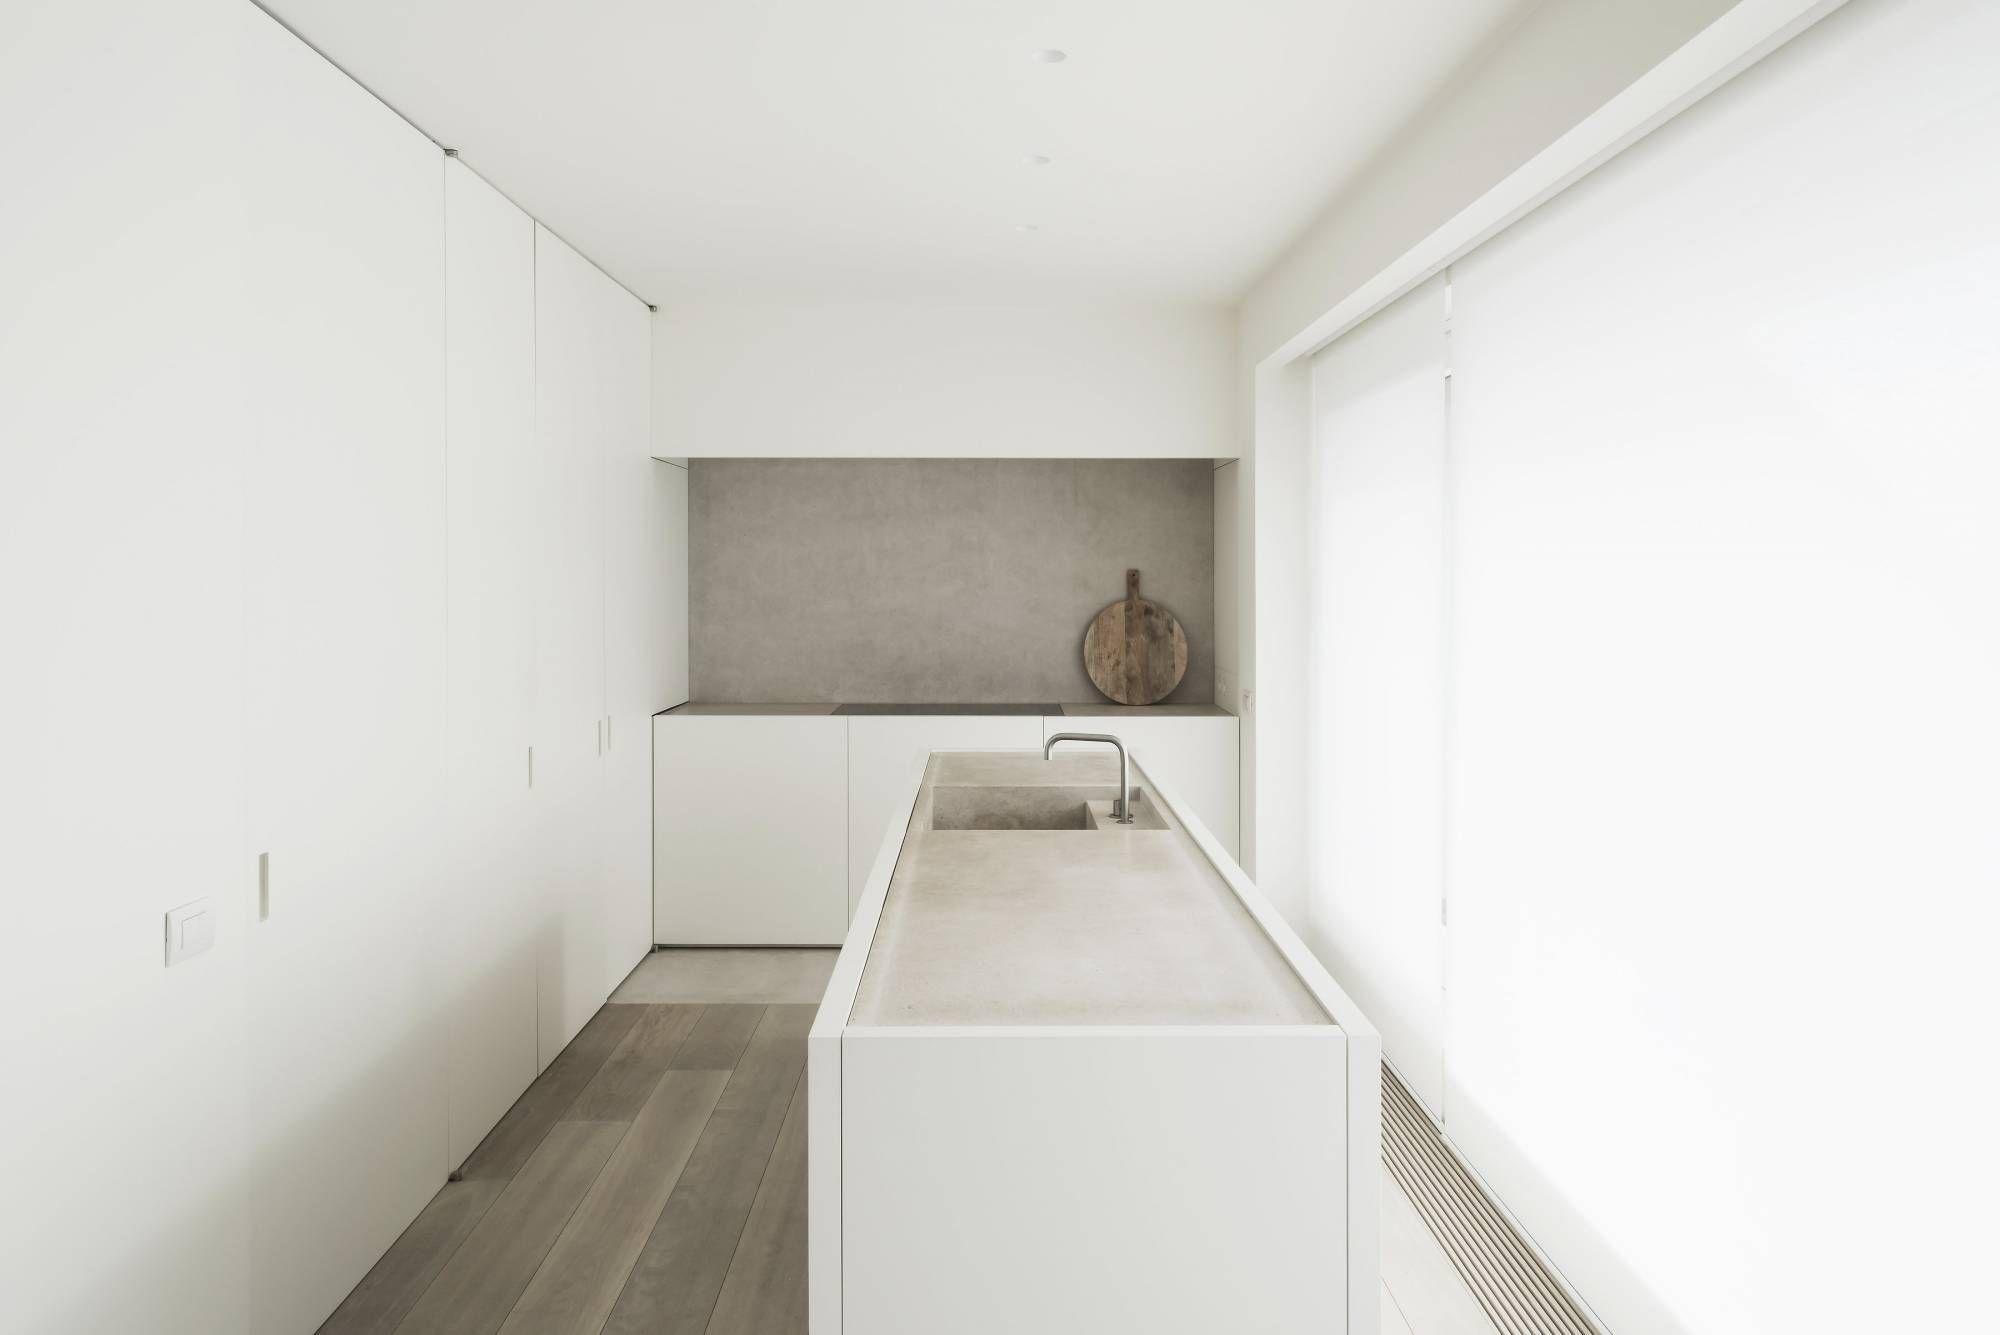 Penthouse wohnung minimalistische einrichtung aussicht tel aviv